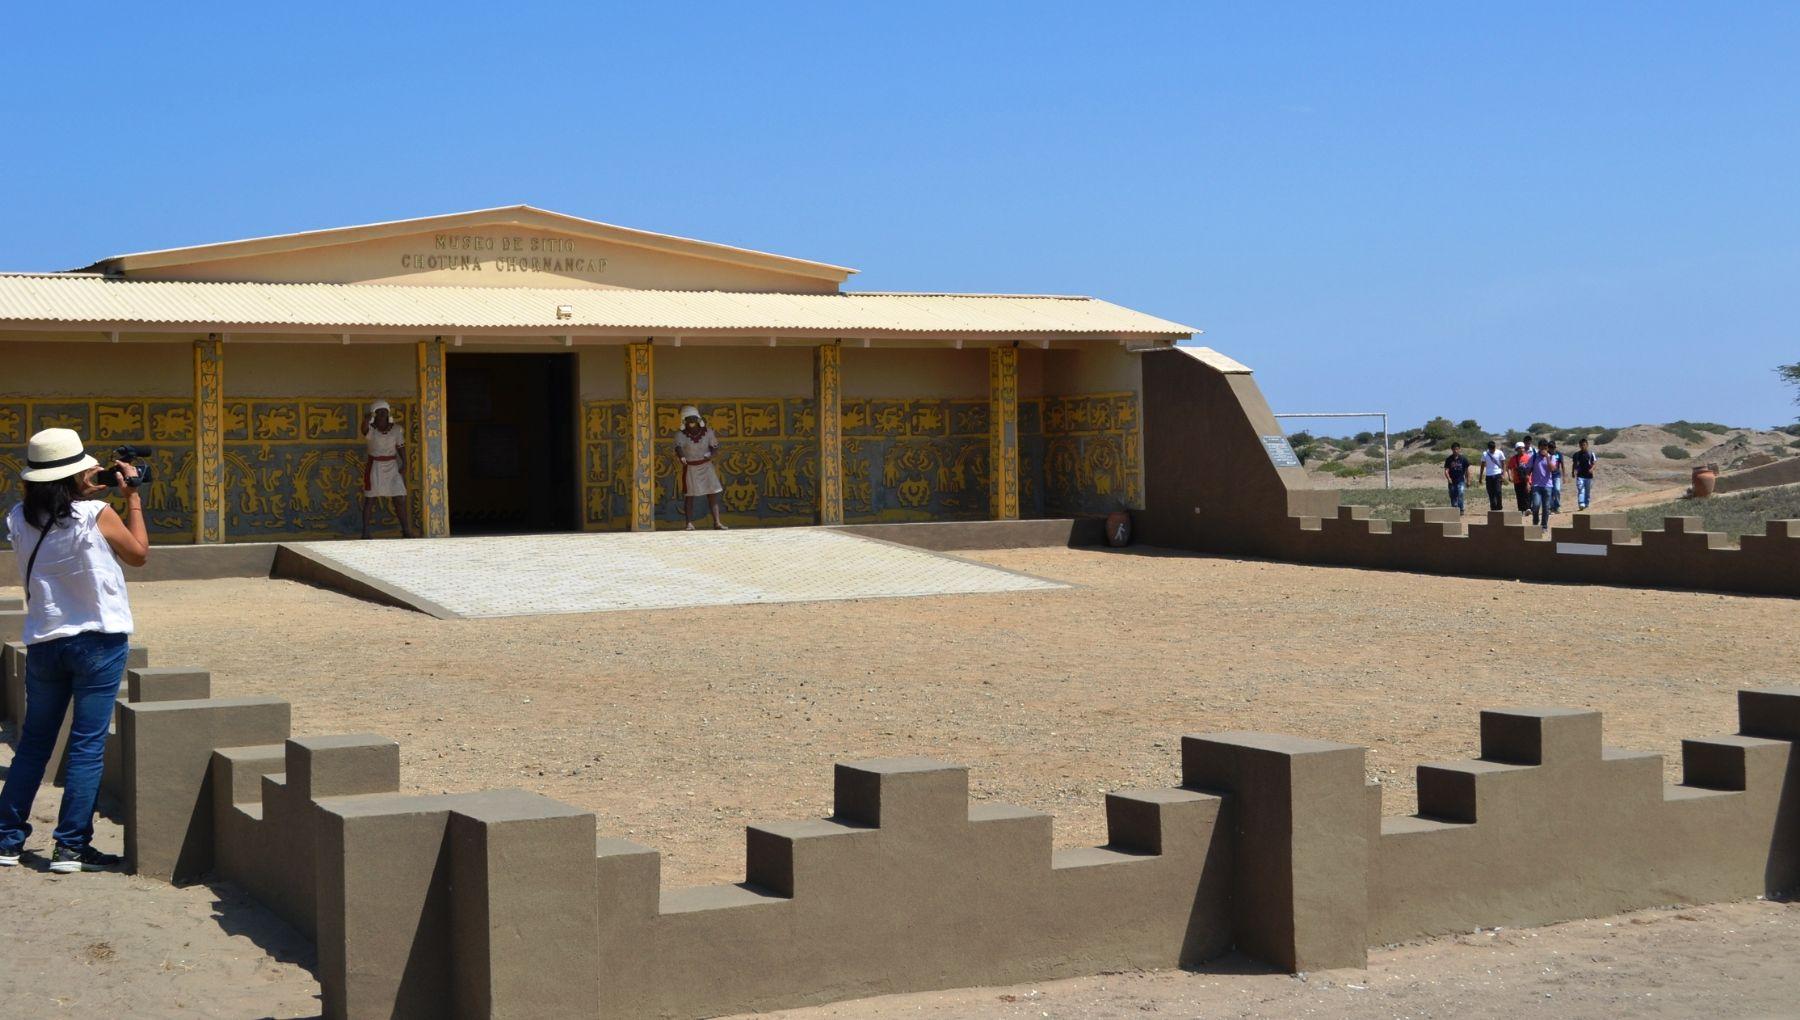 Museo de sitio Chotuna-Chornancap fue edificado siguiendo el estilo tradicional prehispánico.